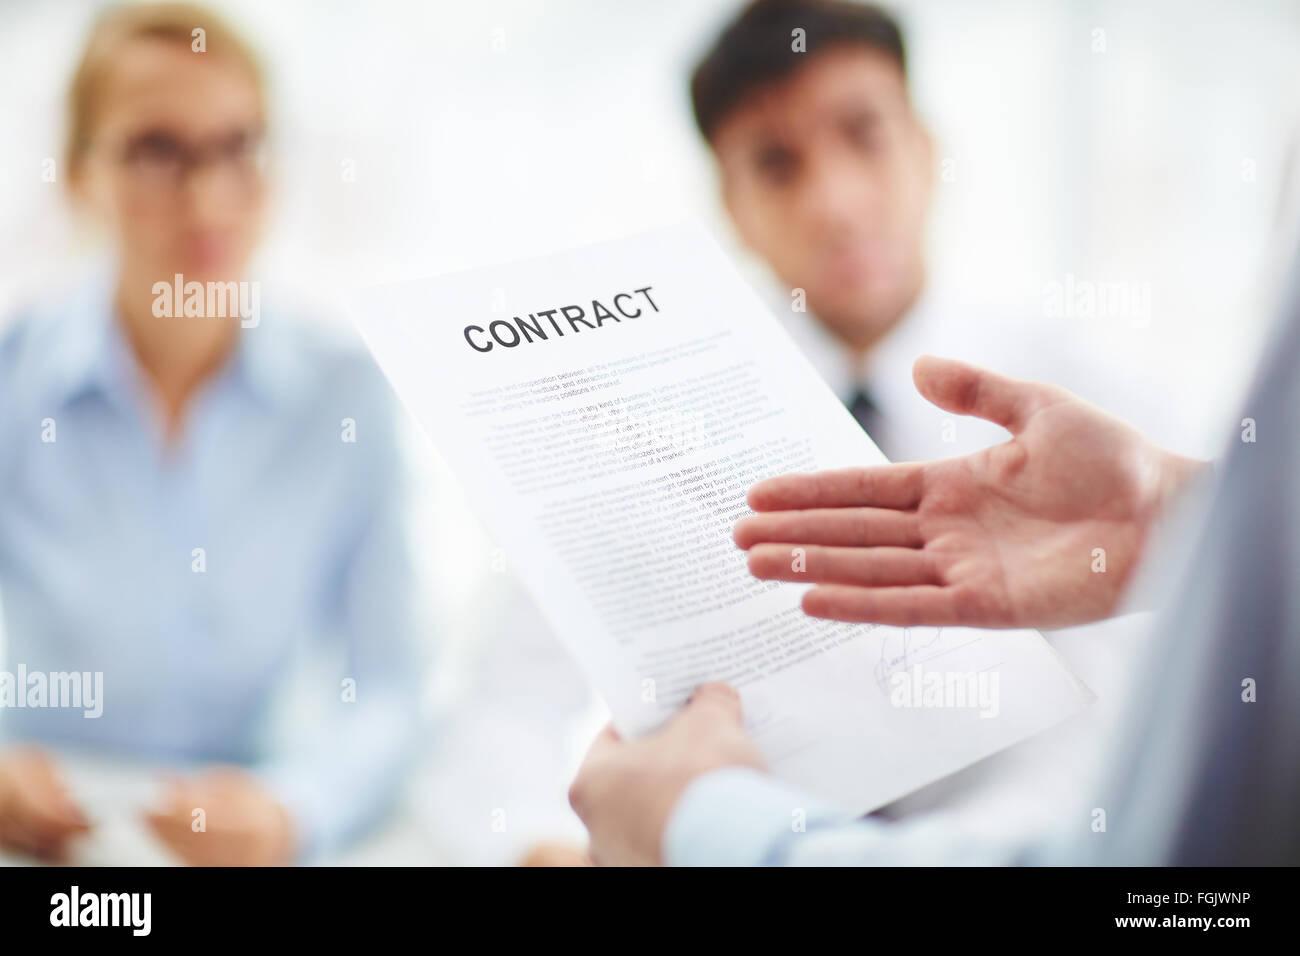 Mitarbeiter mit Vertrag in seiner Hand darauf zeigen Stockfoto, Bild ...